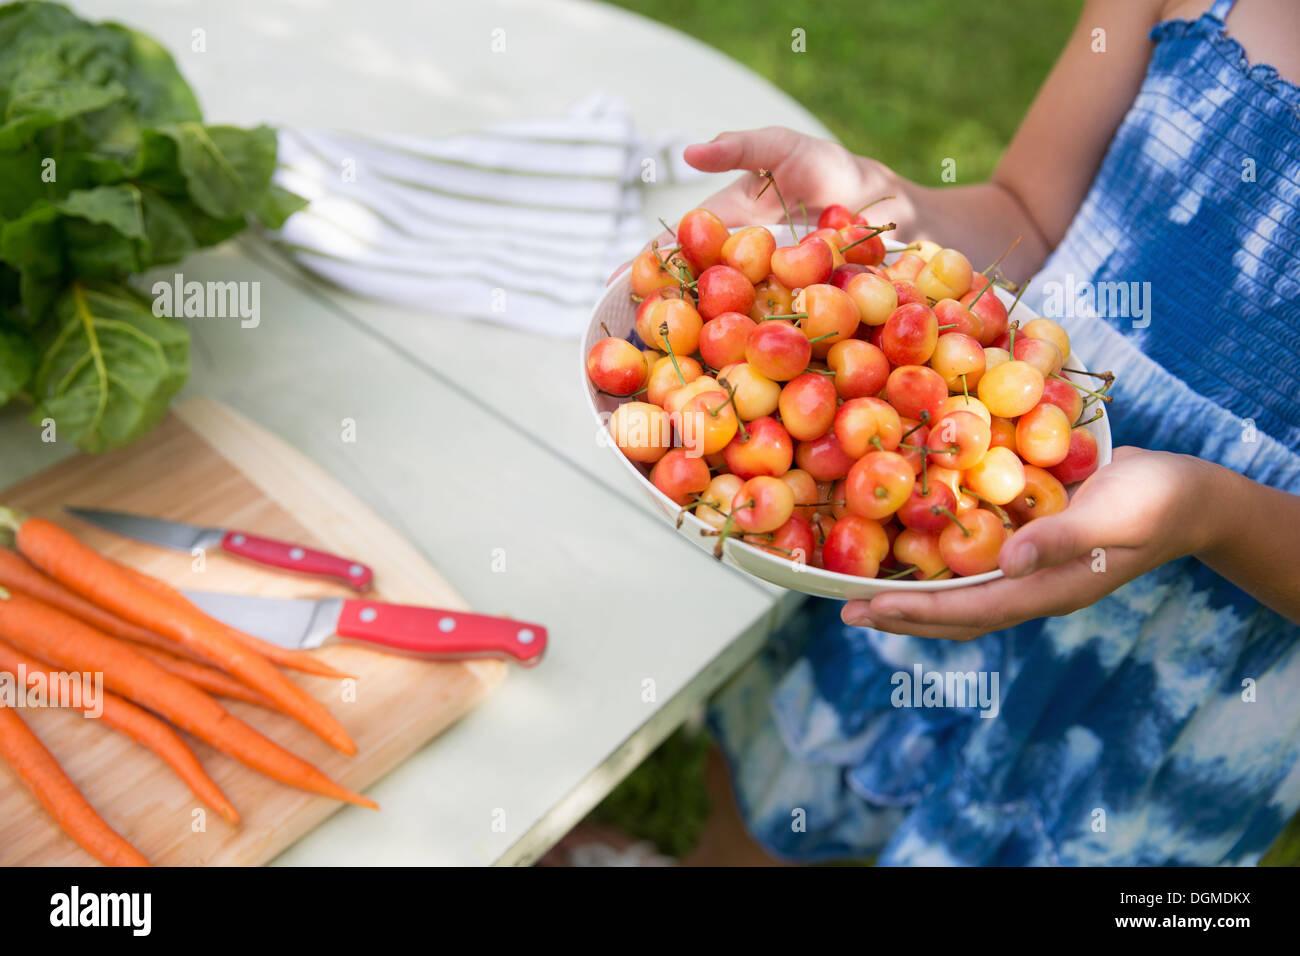 Festa di famiglia. Un bambino che porta una ciotola di fresco ciliegie raccolte a un tavolo da buffet. Immagini Stock